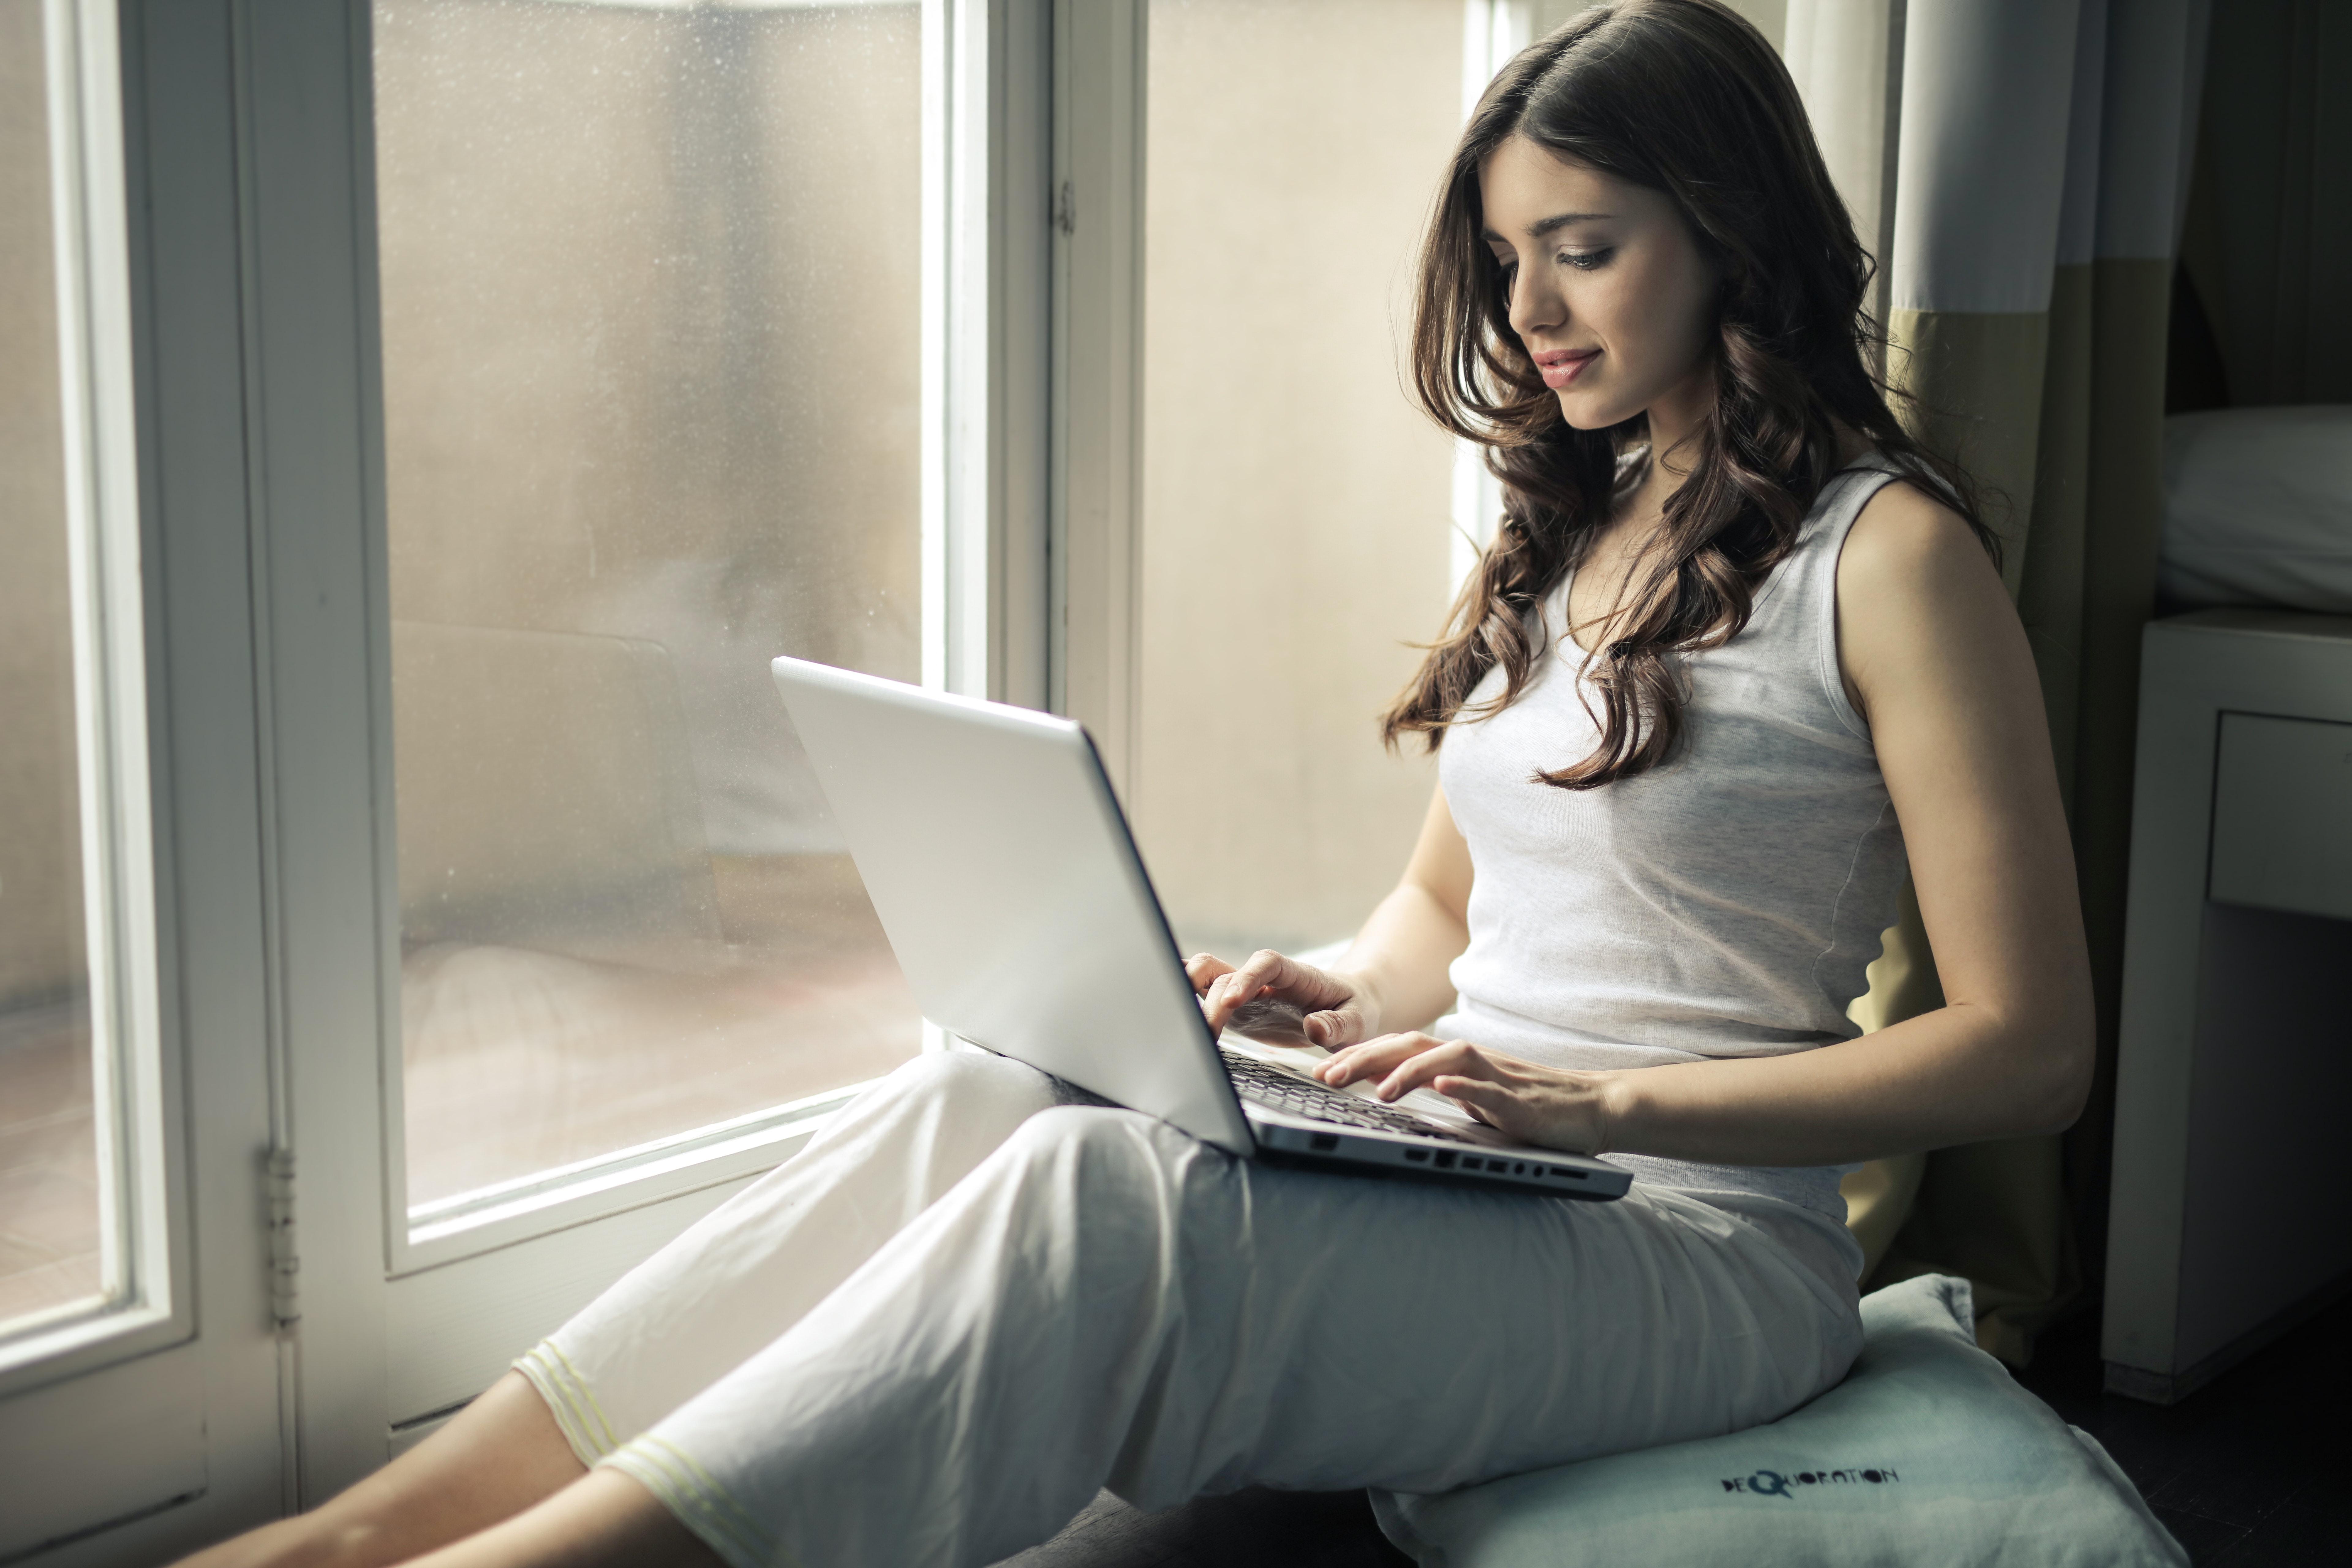 Картинки сидящих людей за ноутбуком